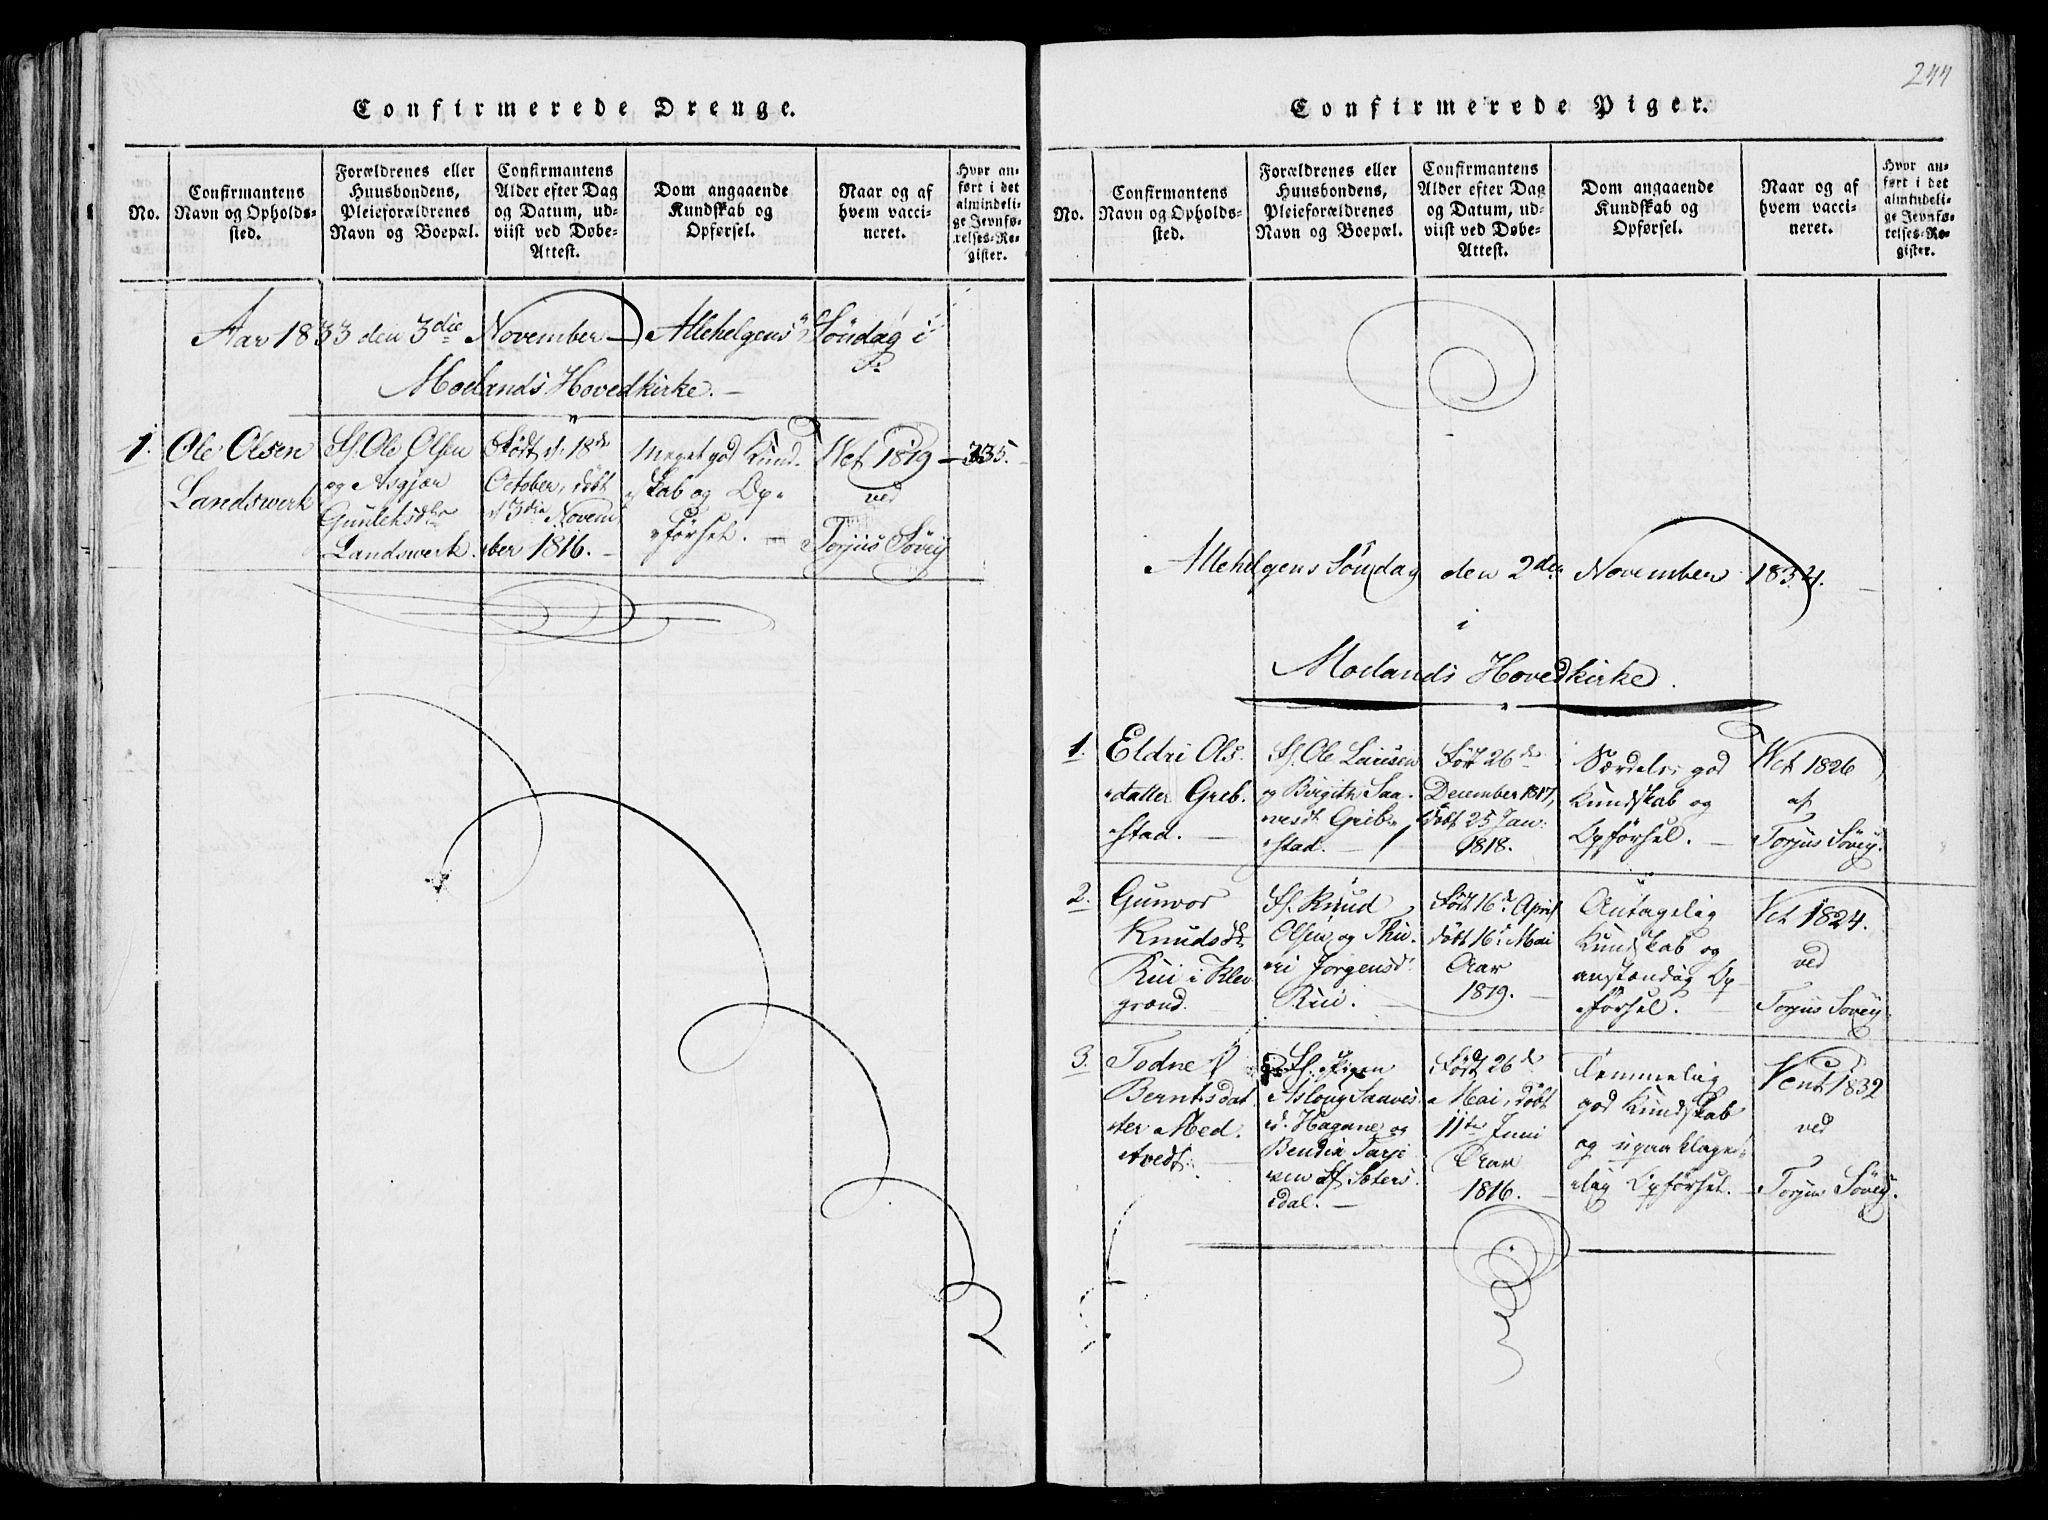 SAKO, Fyresdal kirkebøker, F/Fa/L0004: Ministerialbok nr. I 4, 1815-1854, s. 244